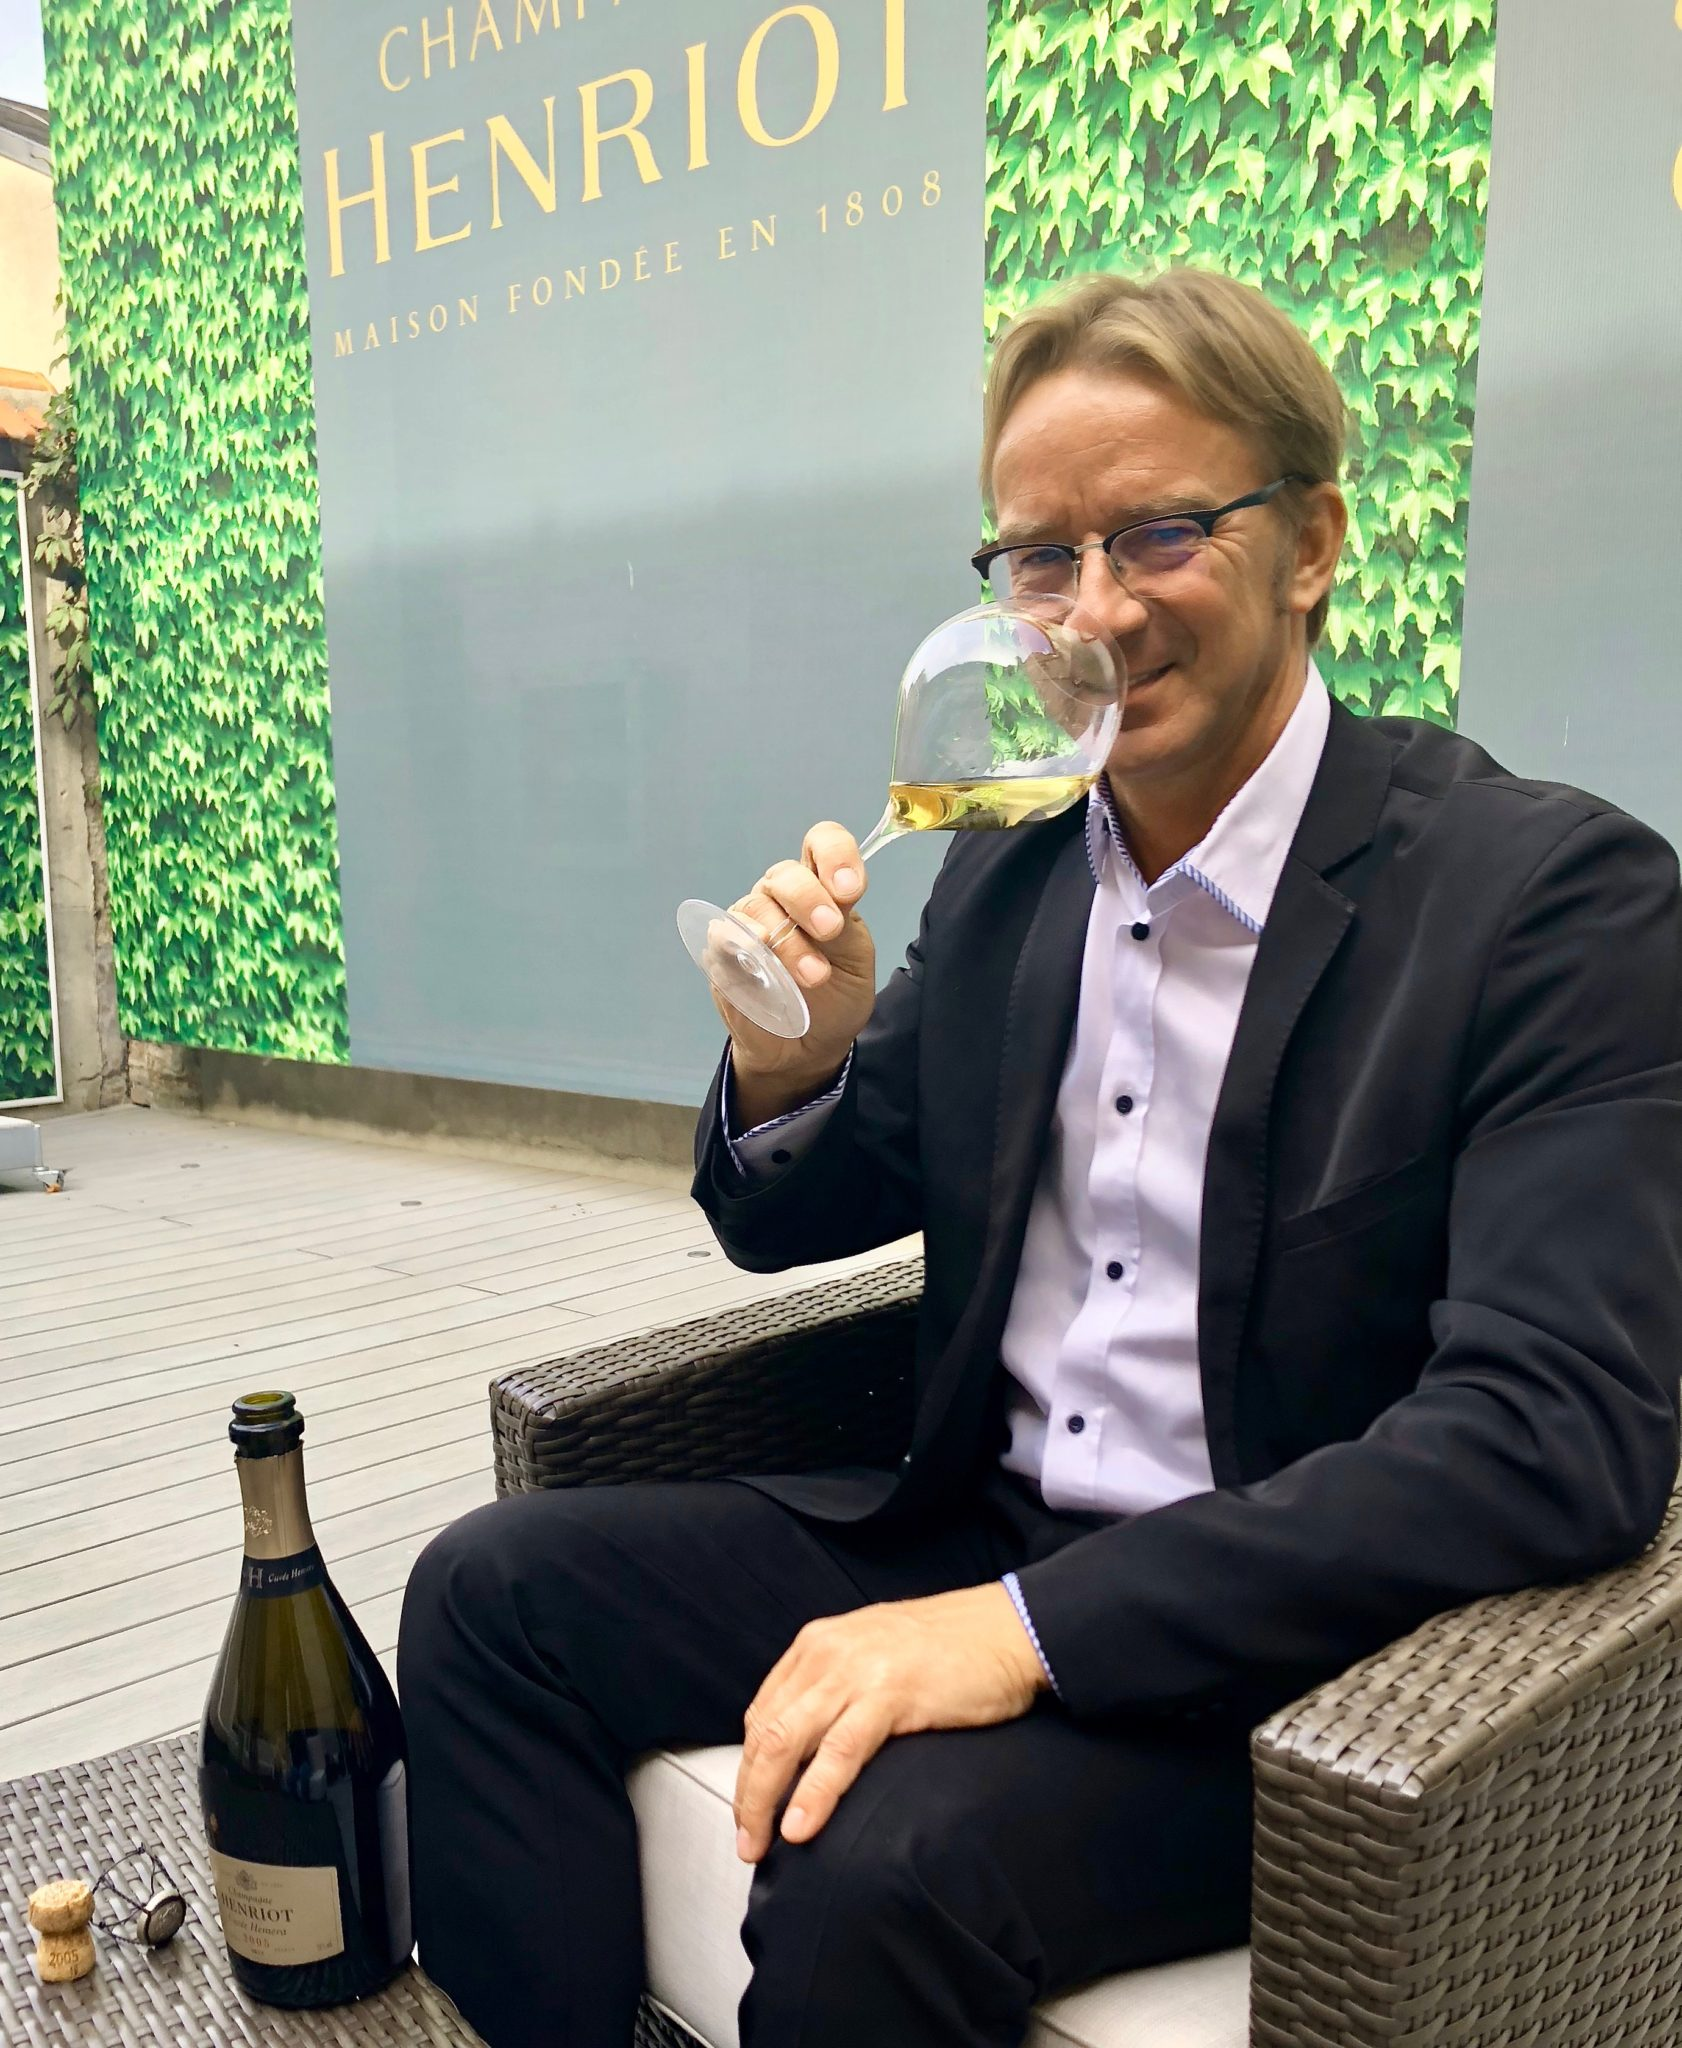 Laurent Fresnet, chef de caves de la maison Henriot lance la cuvée Hemera.